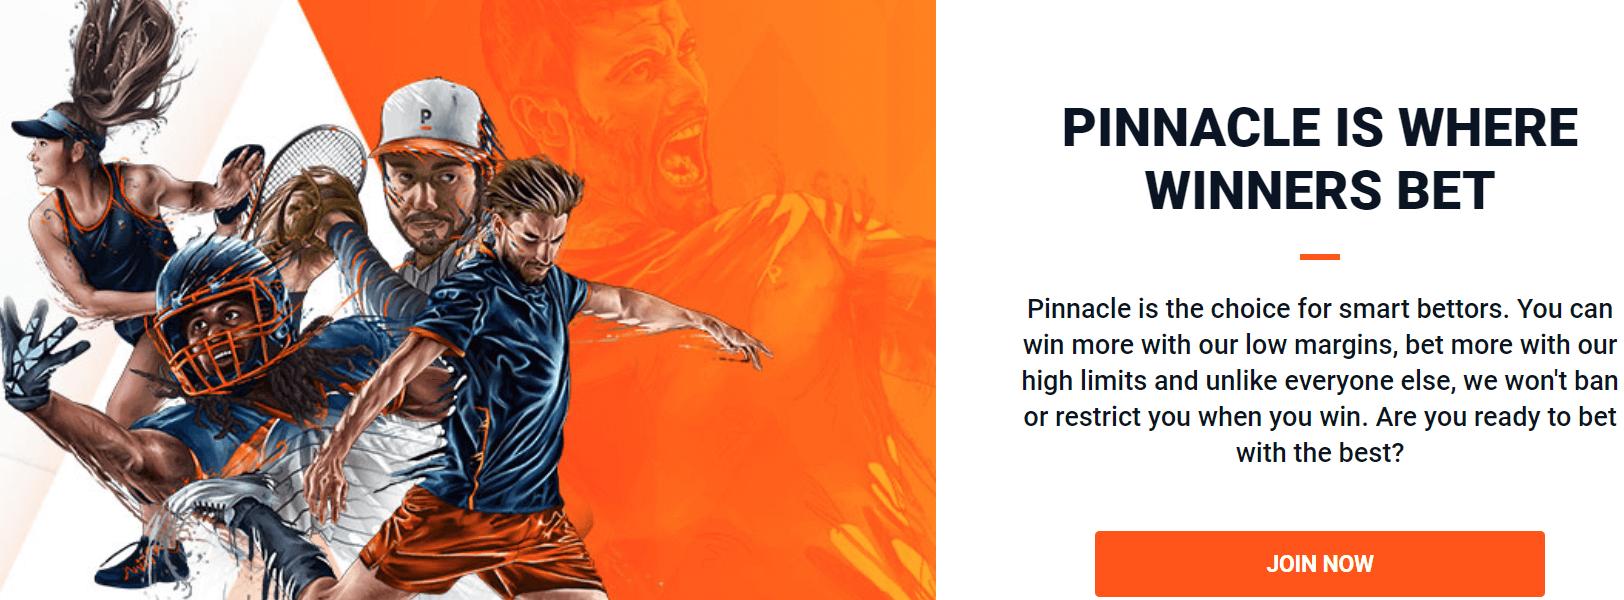 pinnacle sportsbook